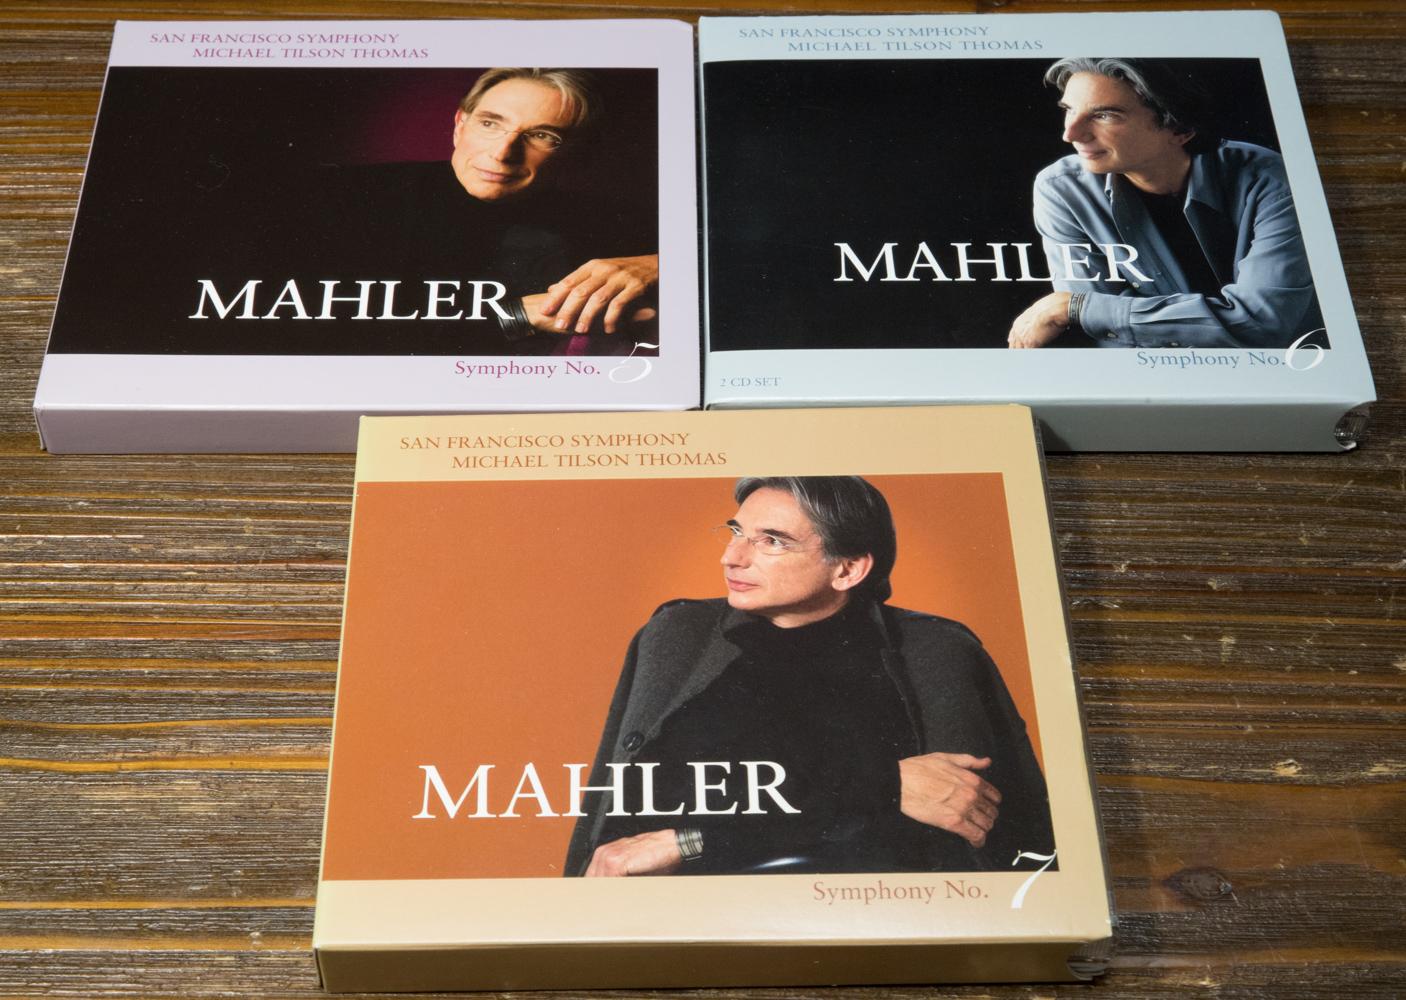 マイケル・ティルソン・トーマス指揮サンフランシスコ交響楽団のマーラーの交響曲全集